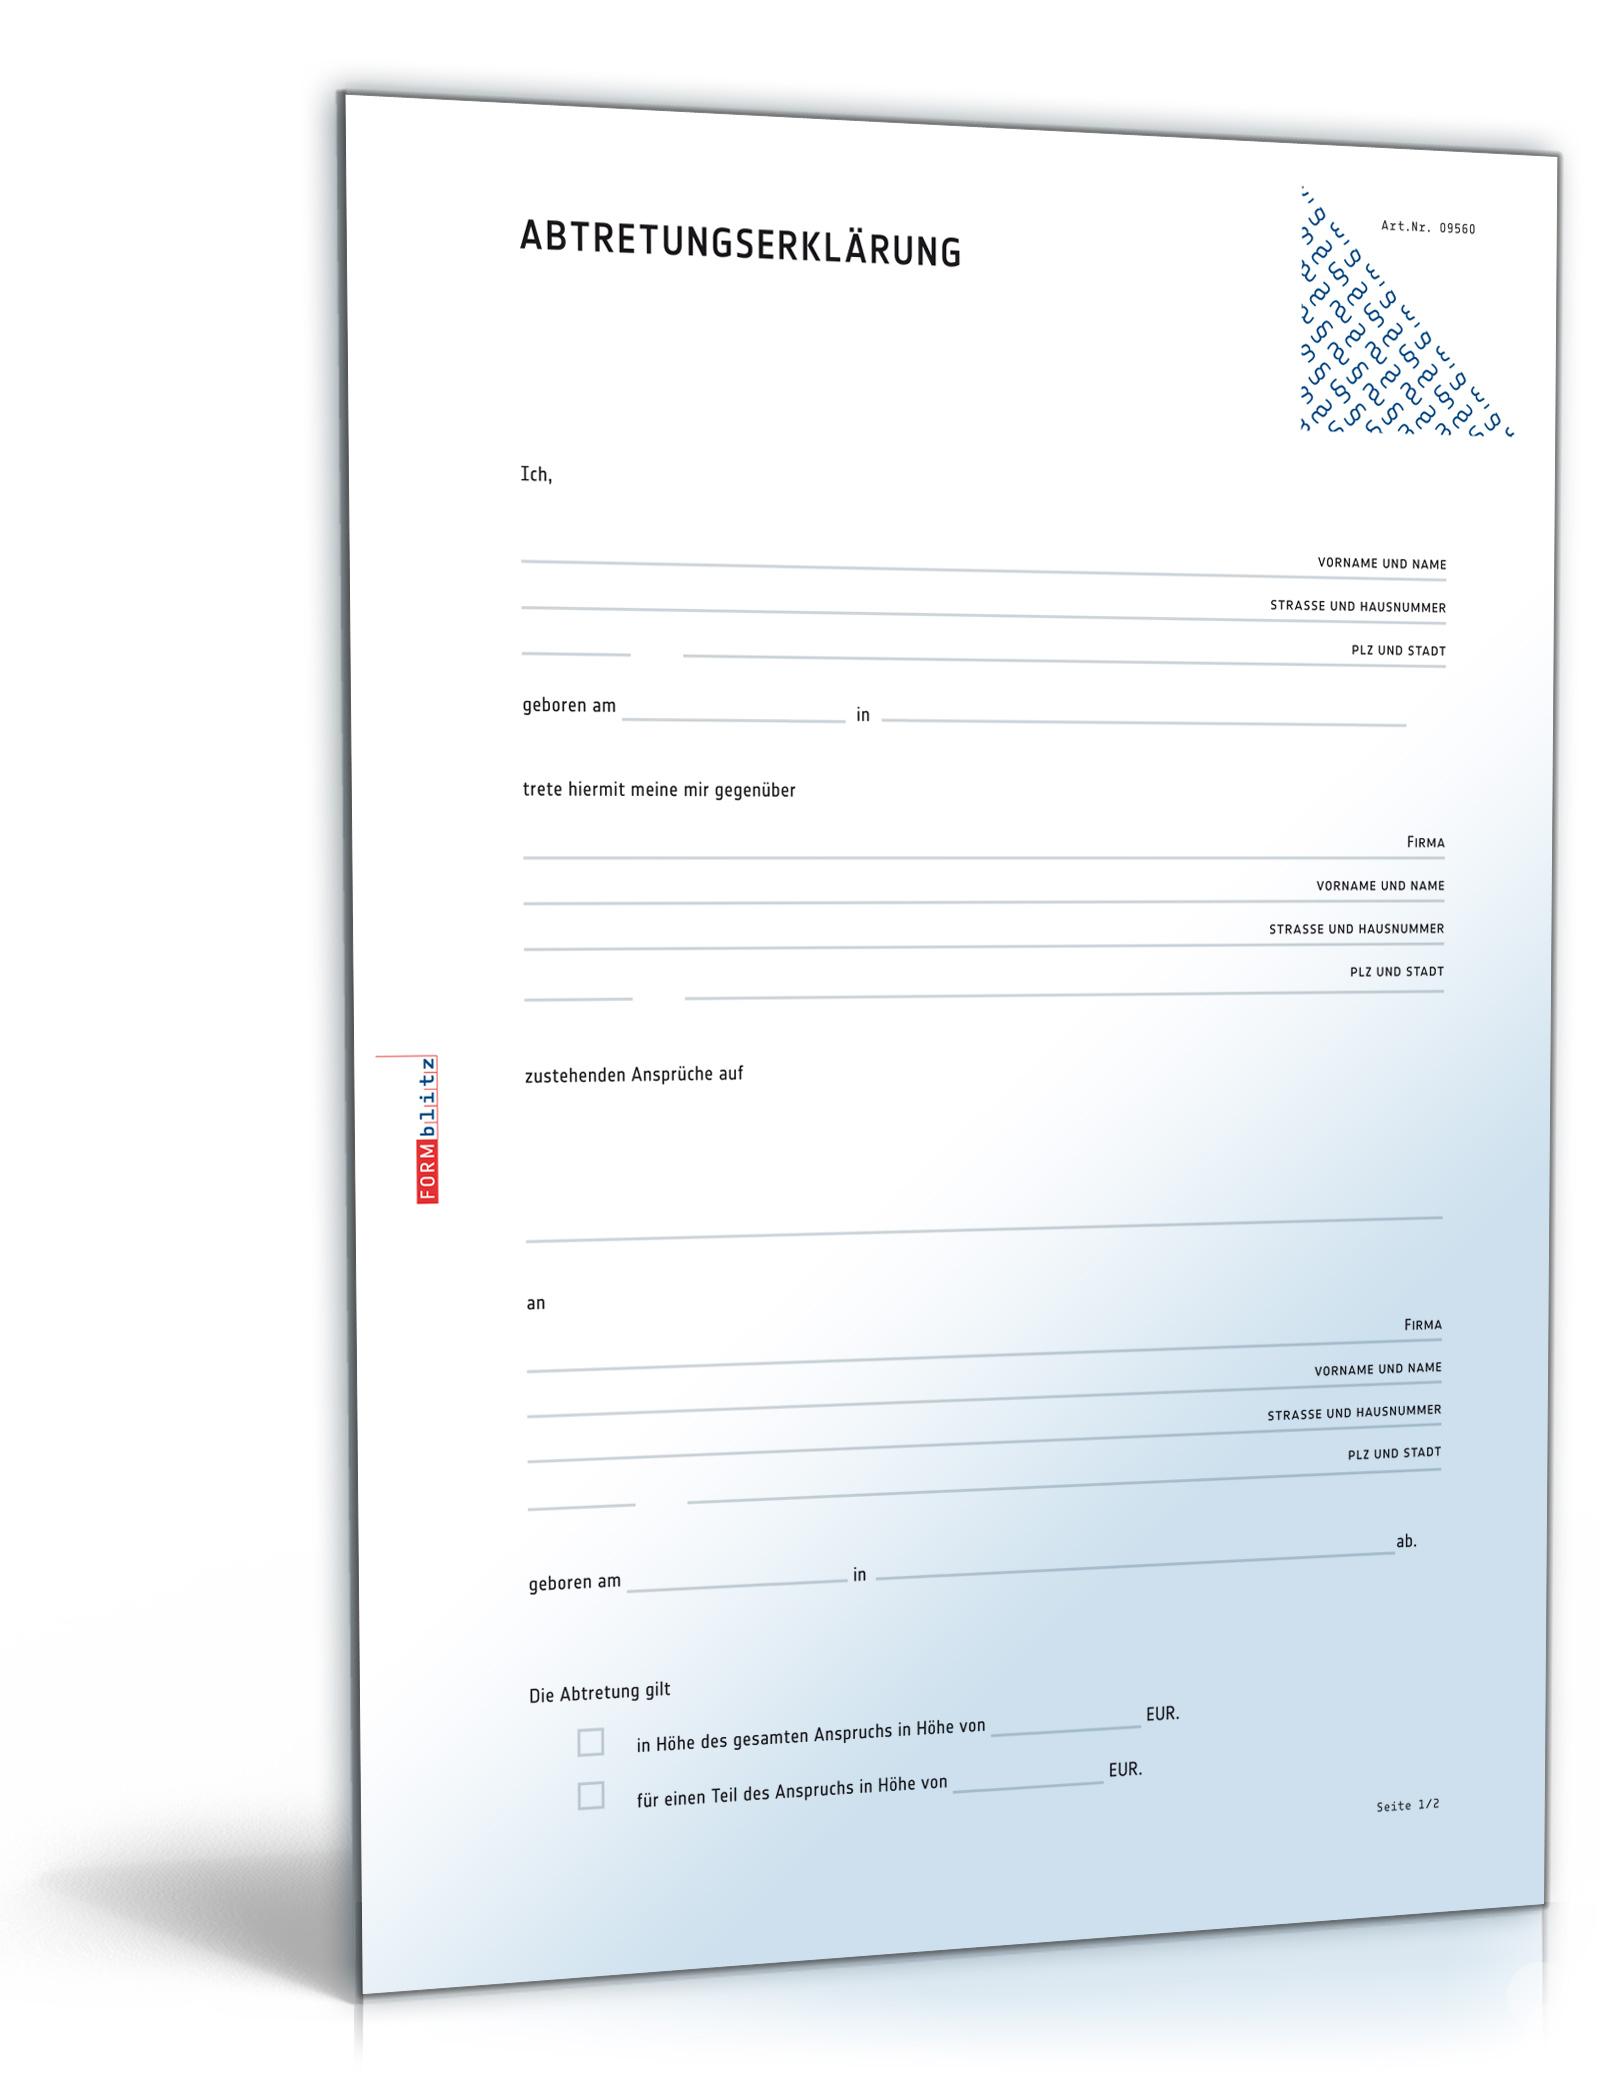 Abtretungserklarung PDF Download Amazonde Software